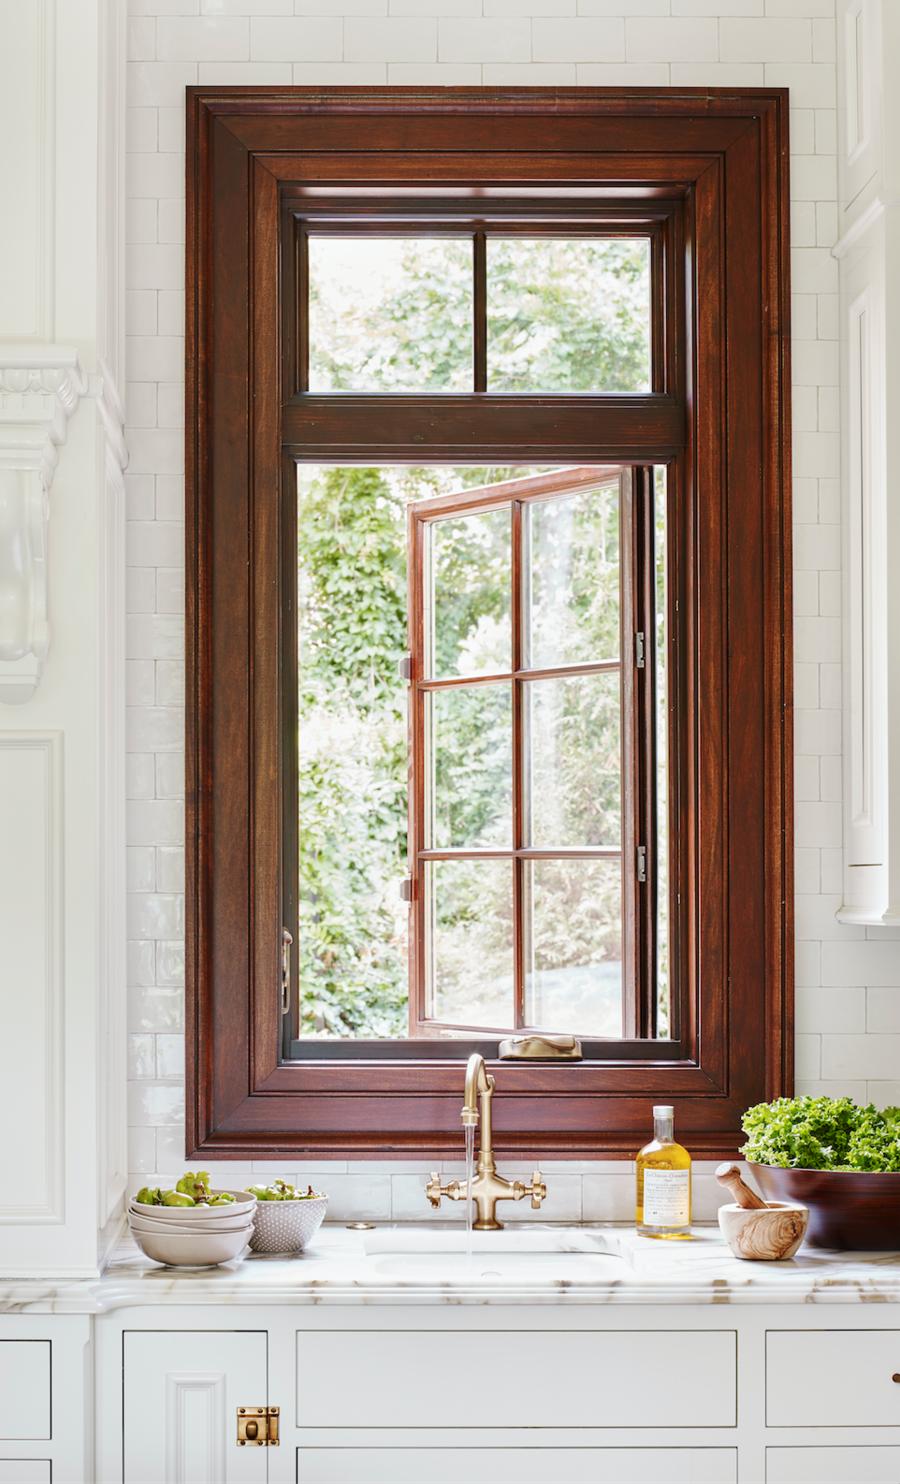 Fensterrahmen, Haus, Einrichtung, Wohnen, Trautes Heim, Amerikanische Küche,  Fenster, Türen, Balkon, Waschraum, Fenstertypen, Decken, Hausdekorationen,  ...